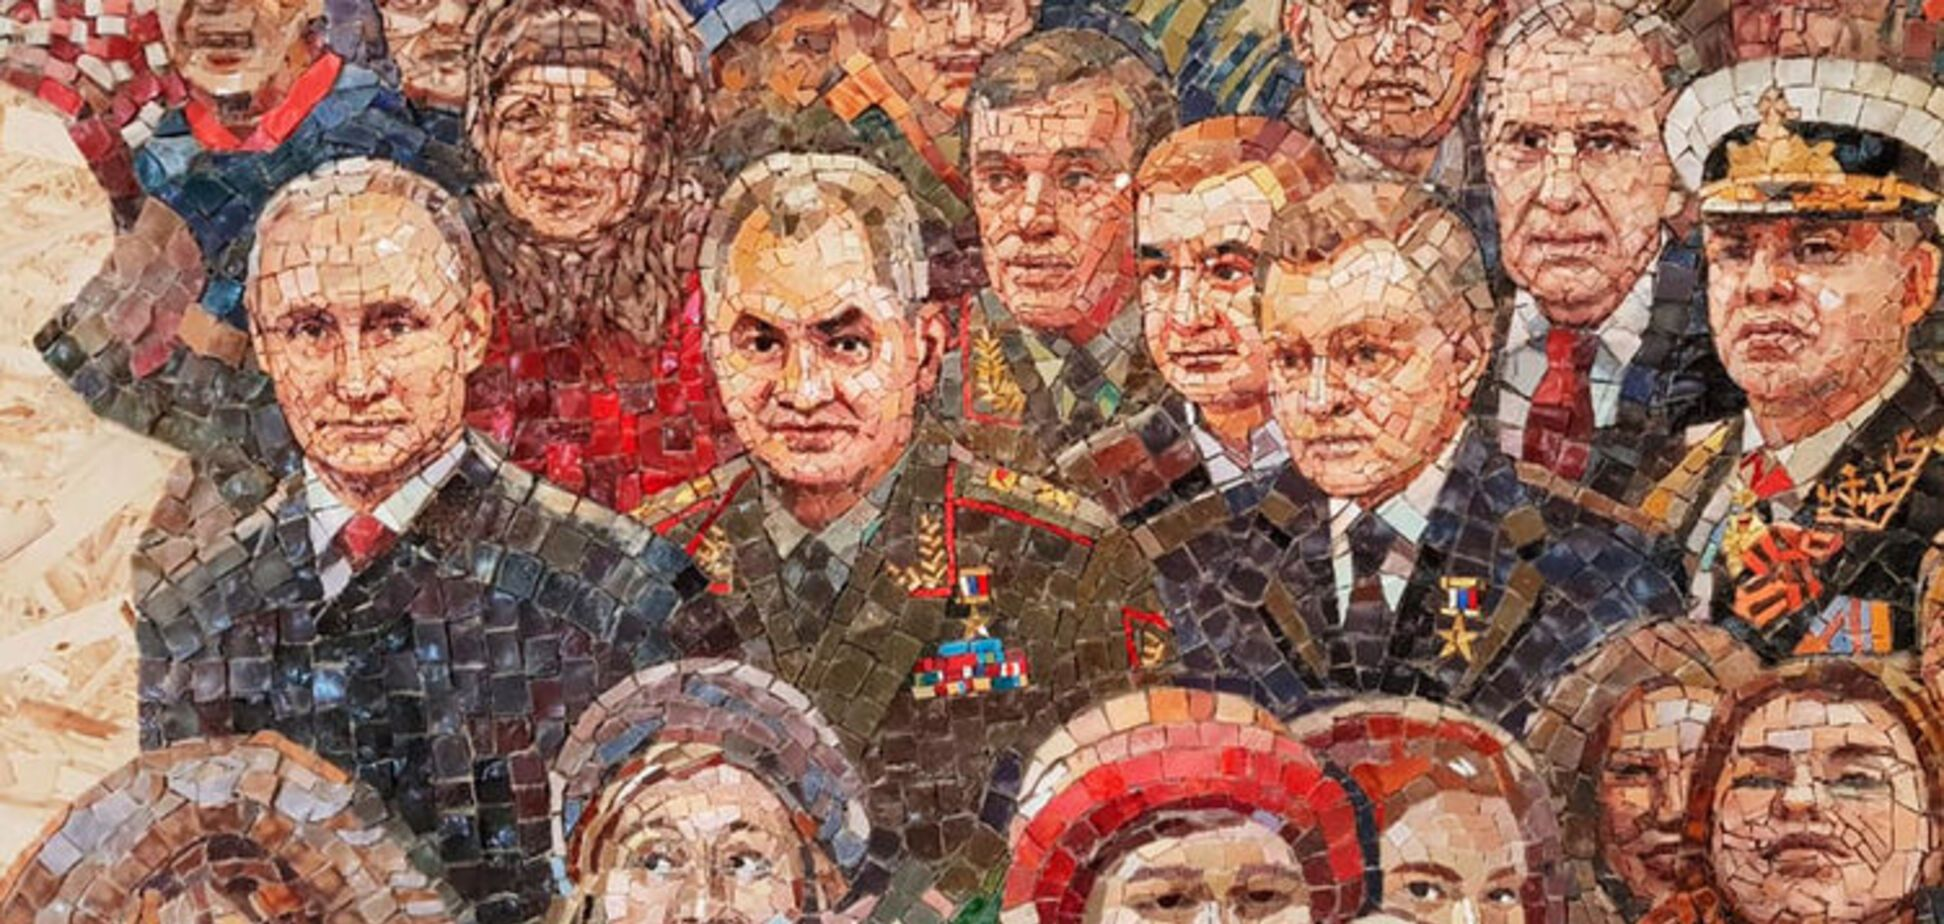 Кружок или квадрат над головой Путина?